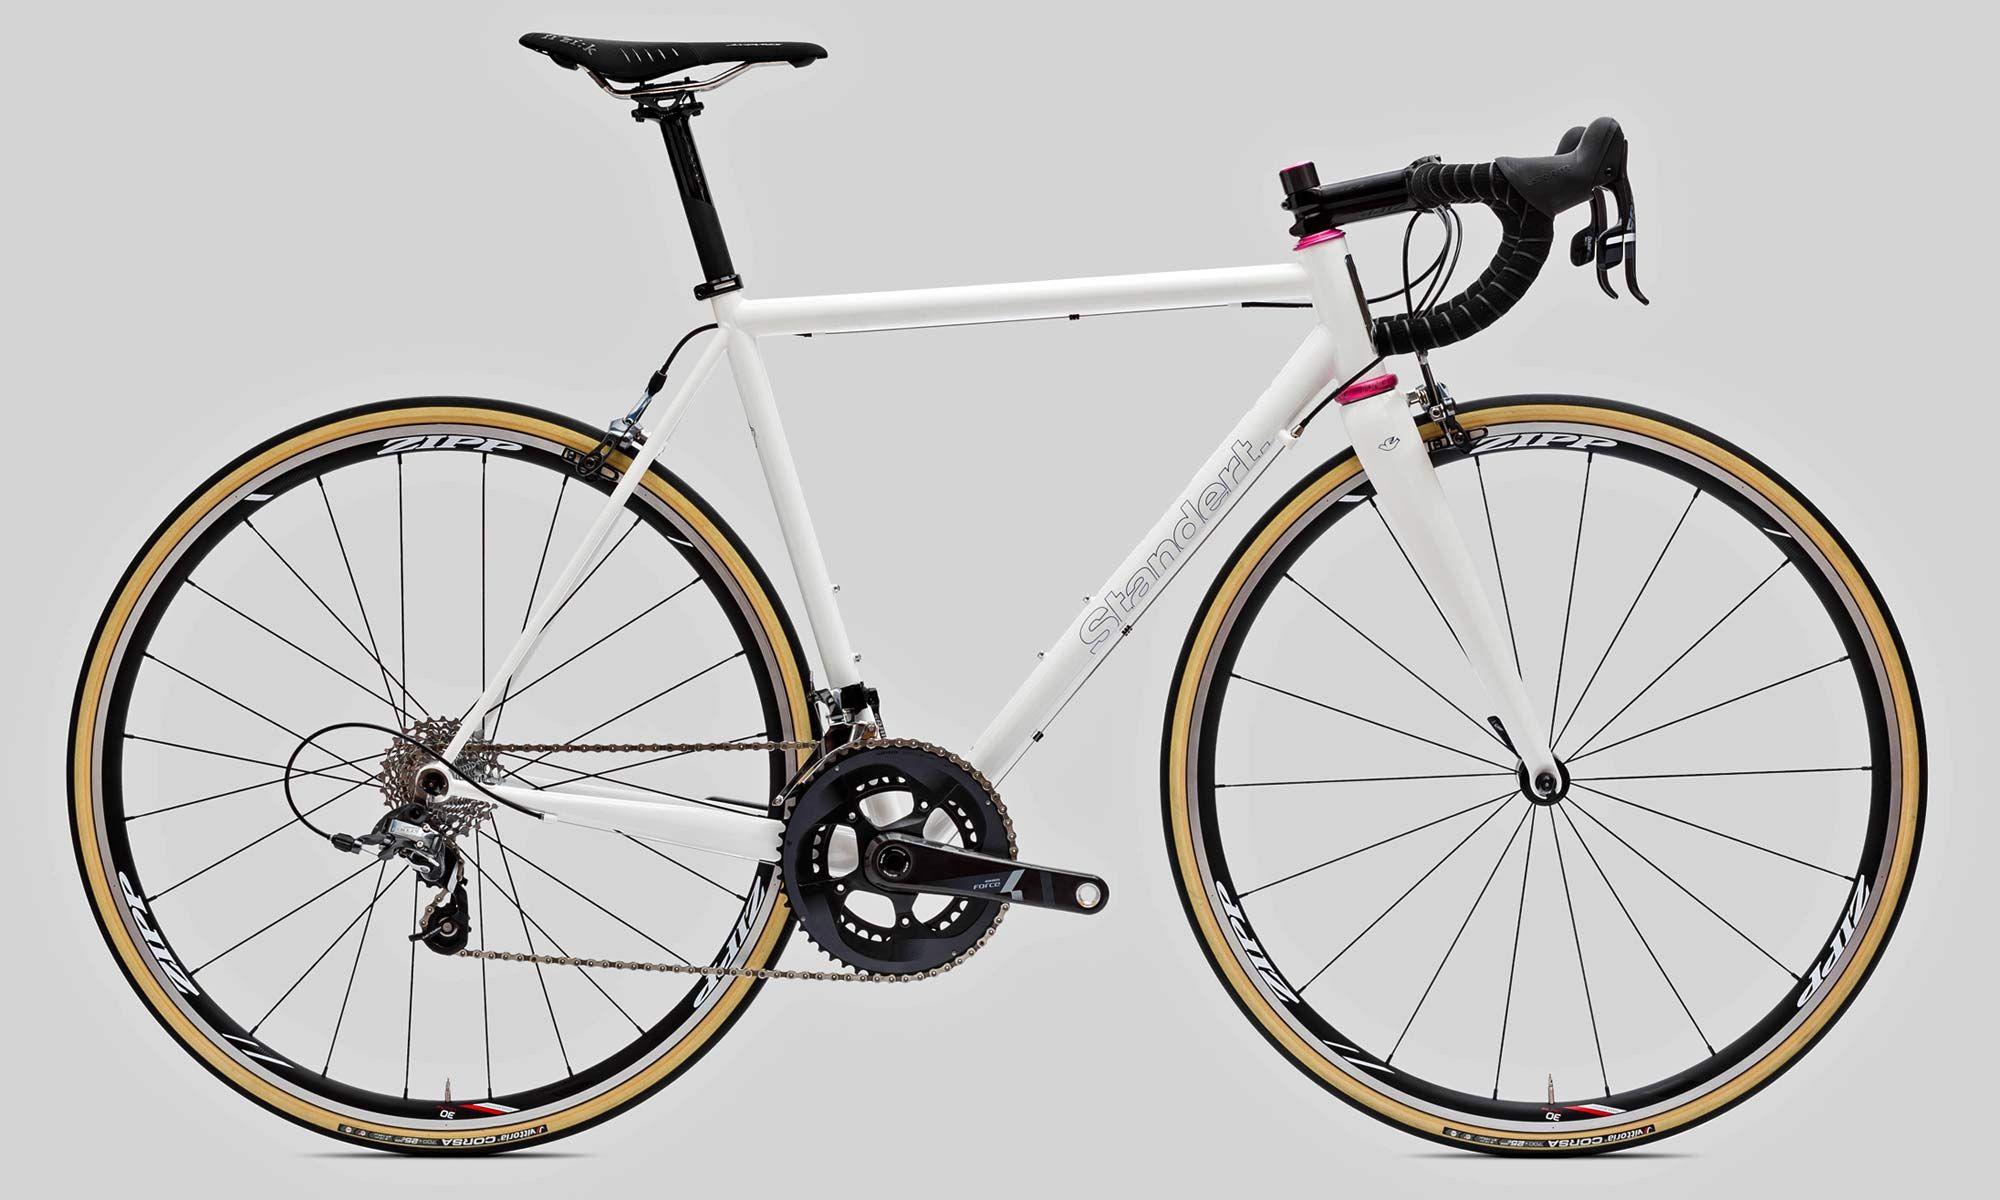 Standert Triebwerk Mach3 Modern Steel Road Bike Updated Special